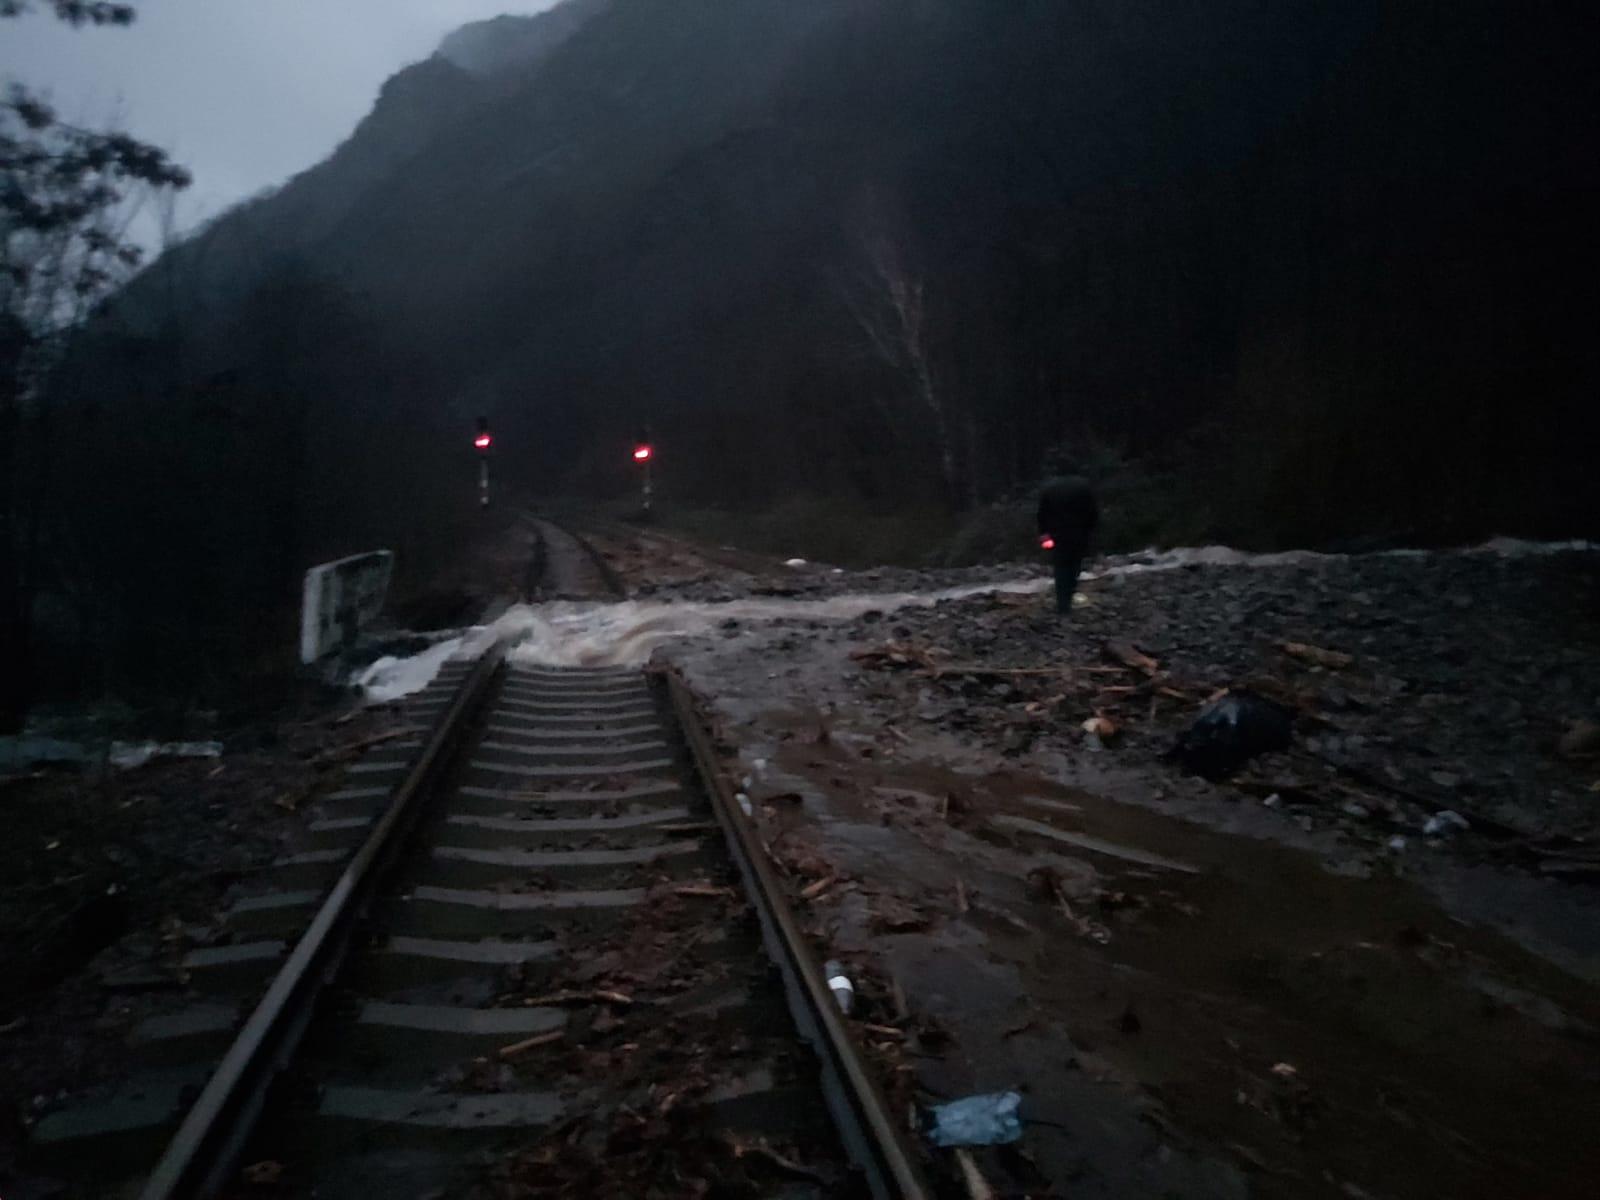 CFR Călători: Trafic feroviar întrerupt pe Valea Oltului. Cinci trenuri de călători sunt afectate